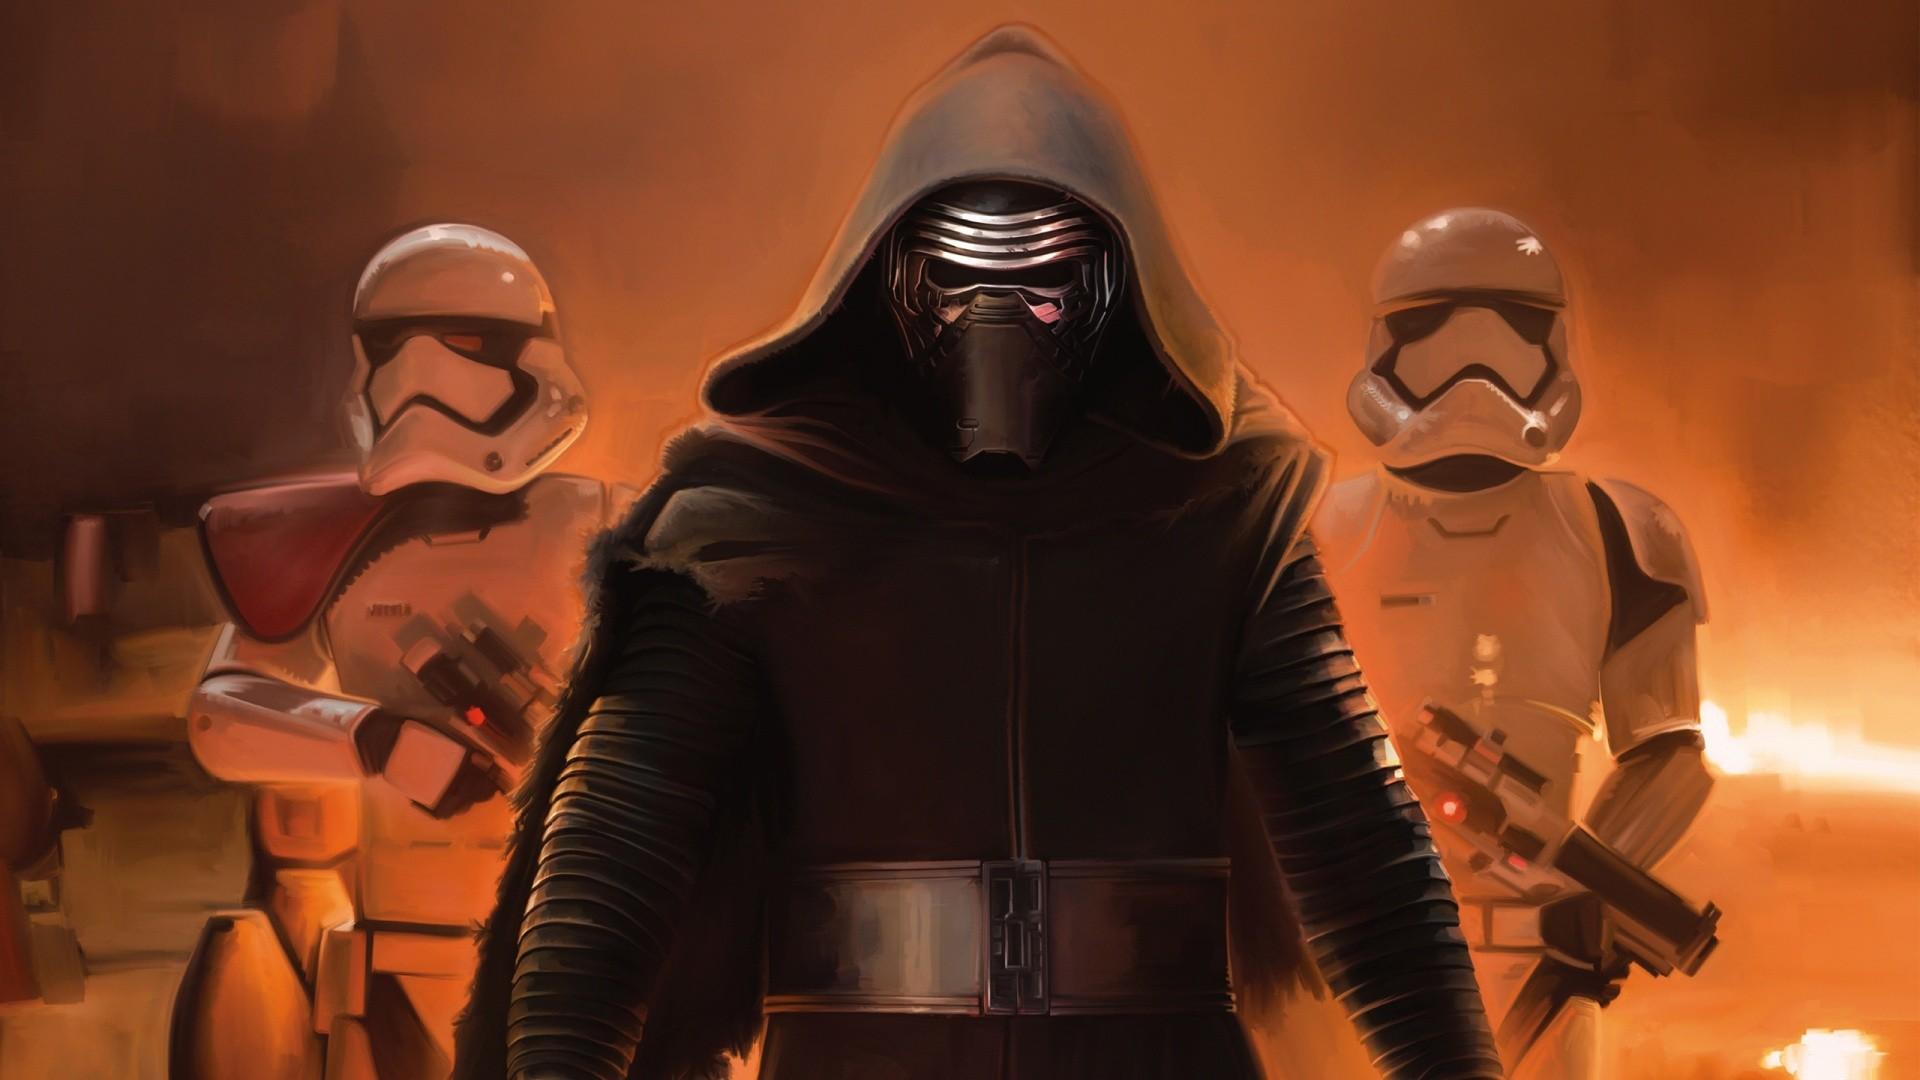 Star Wars The Force Awakens Kylo Ren Wallpapers